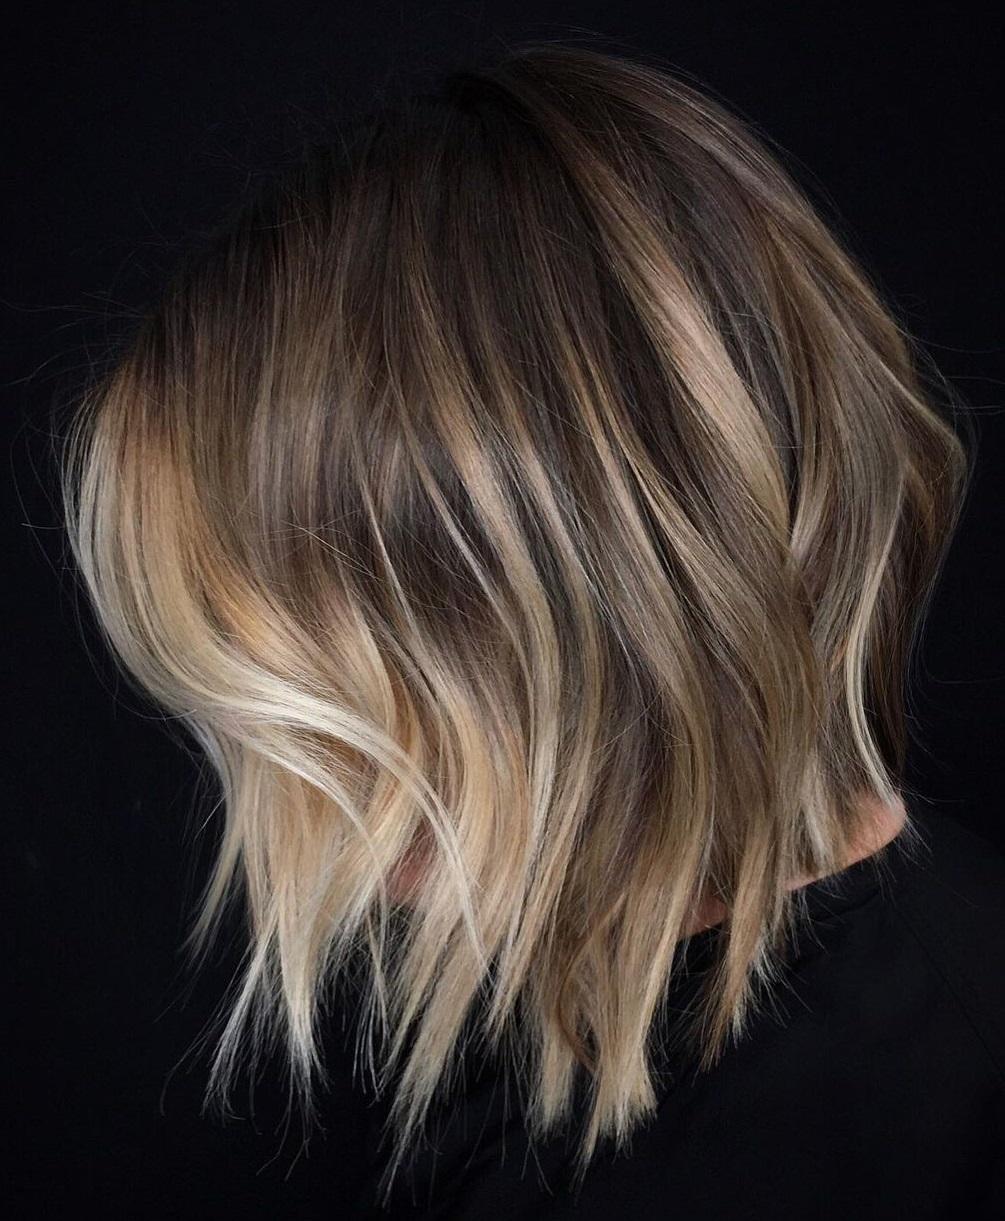 Short Choppy Hair with Face-Framing Balayage